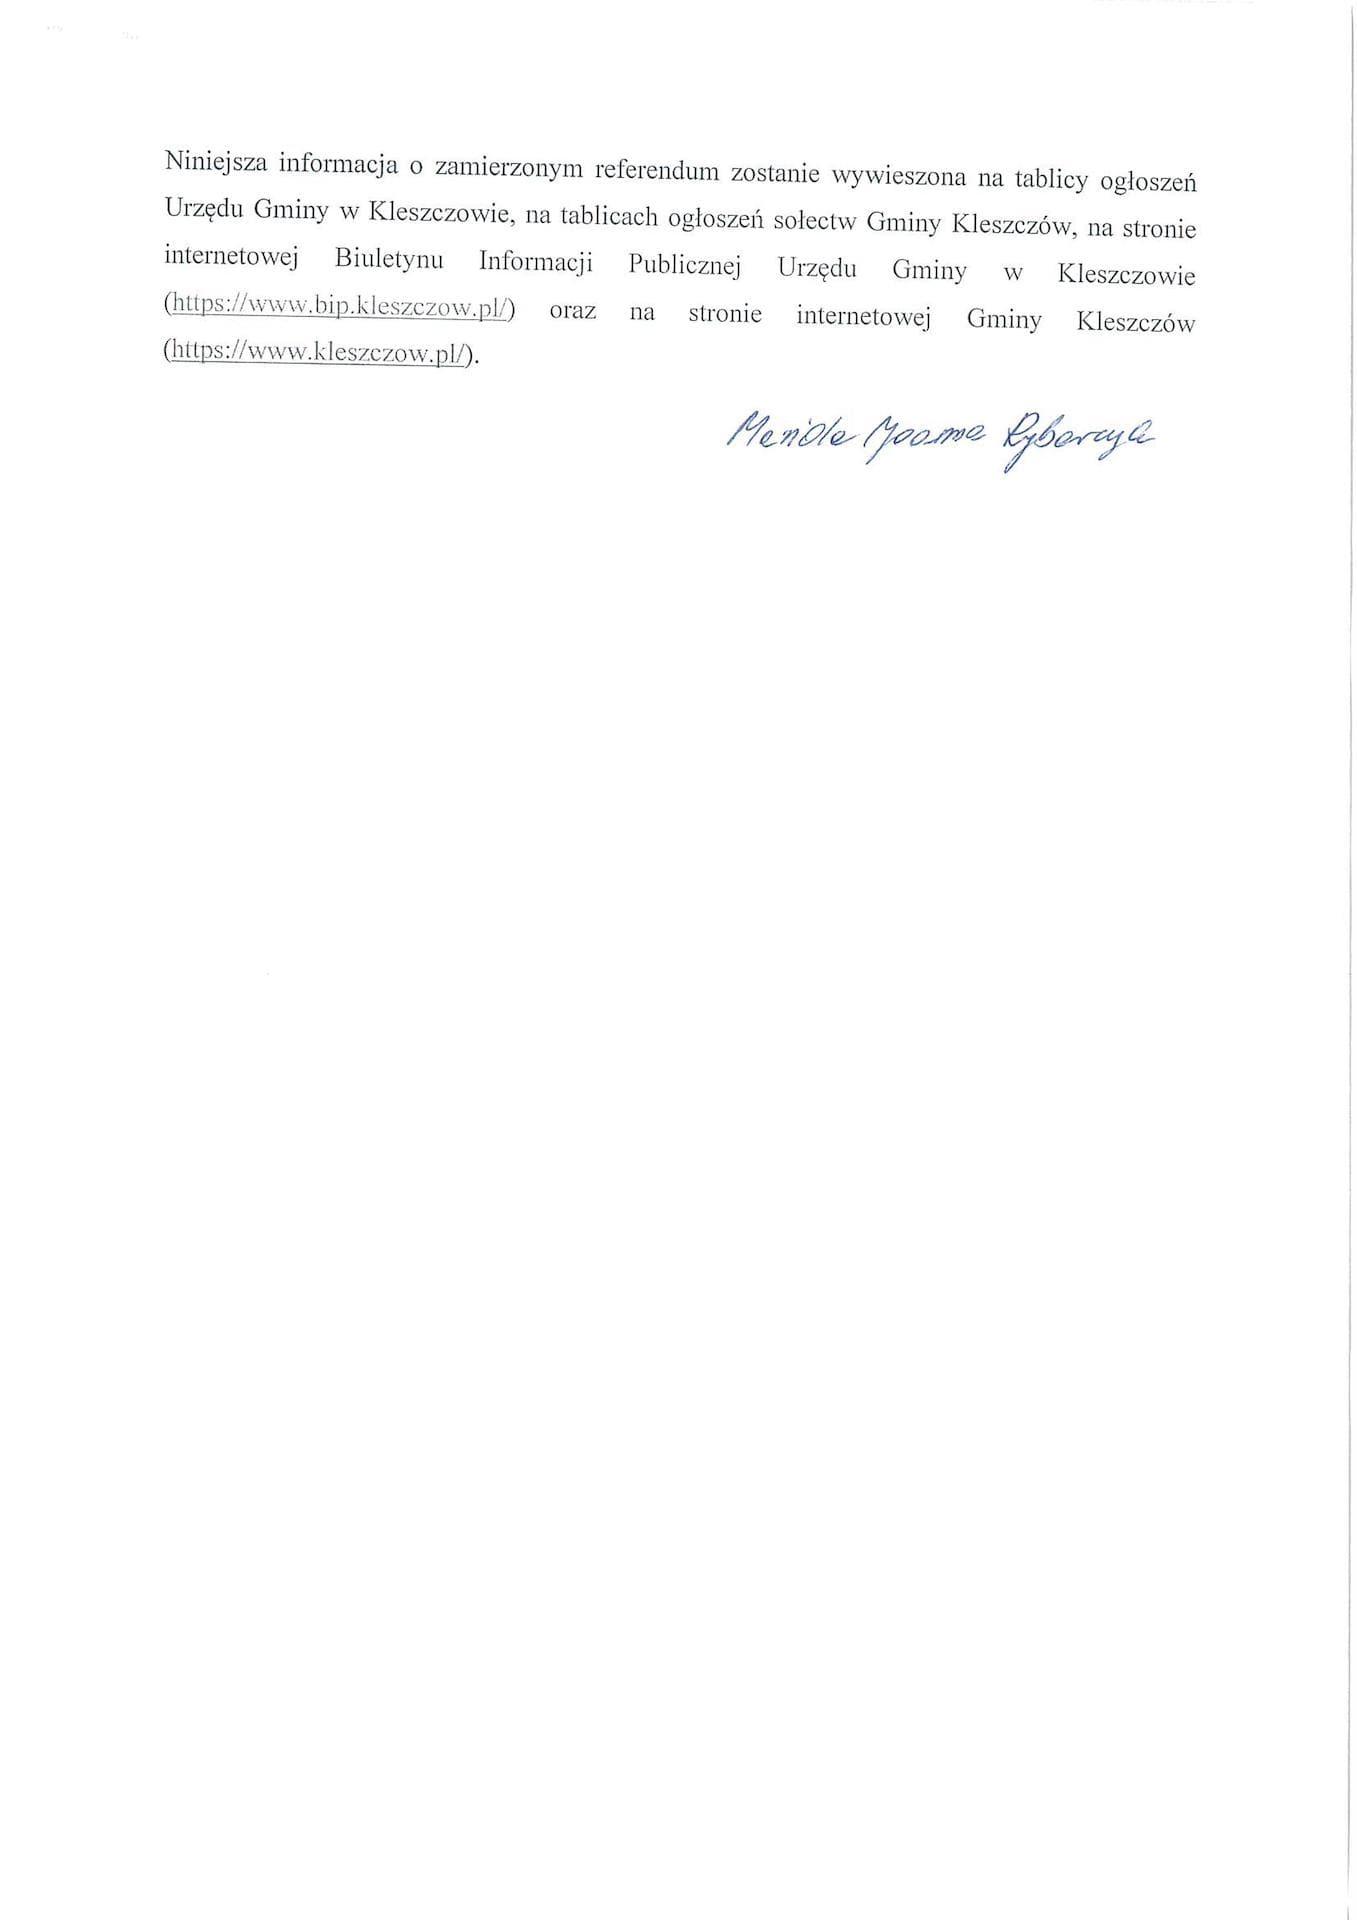 Powiadomienie o zamiarze wystąpienia z inicjatywą przeprowadzenia referendum strona 2